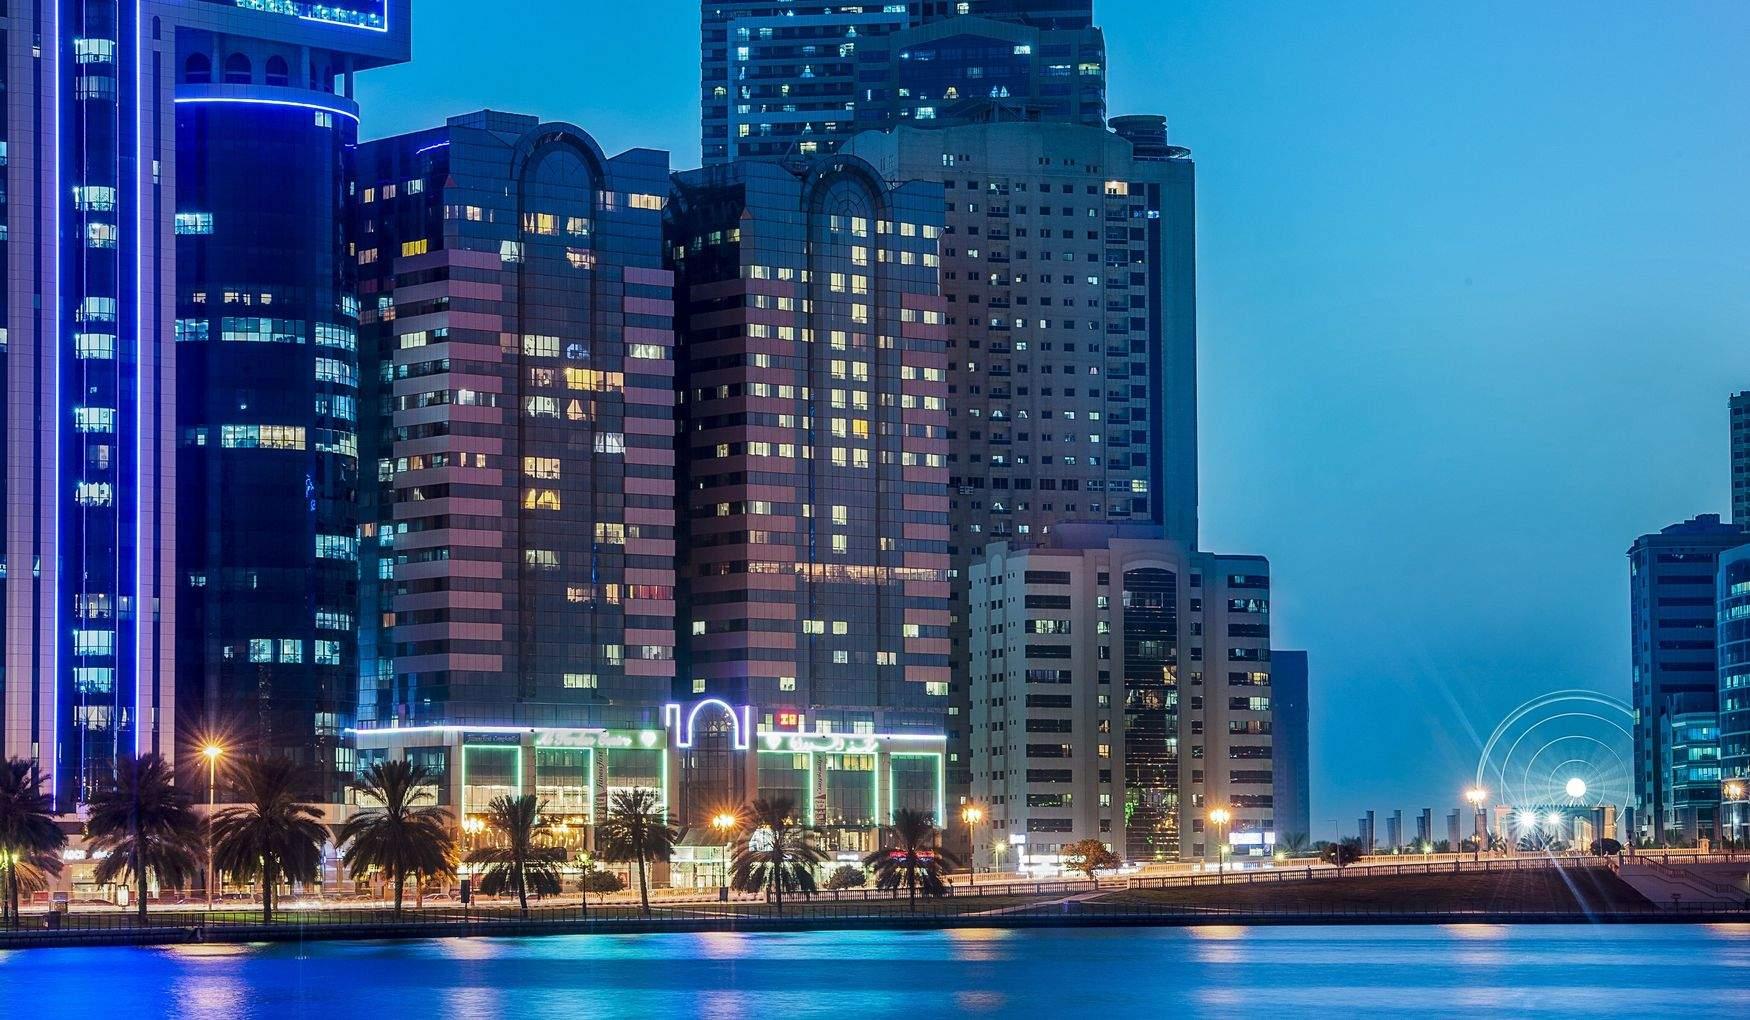 Golden Tulip Hotel Apartments